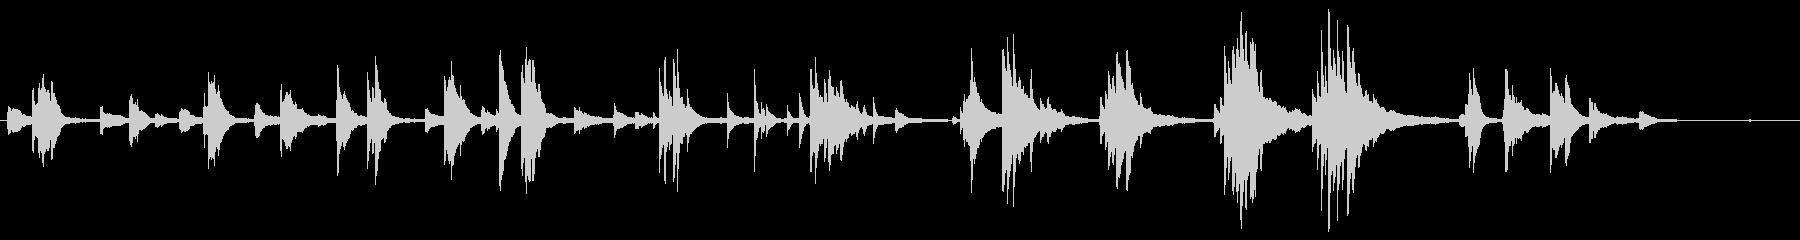 結婚式や 泣かせる映像に ■ ピアノソロの未再生の波形